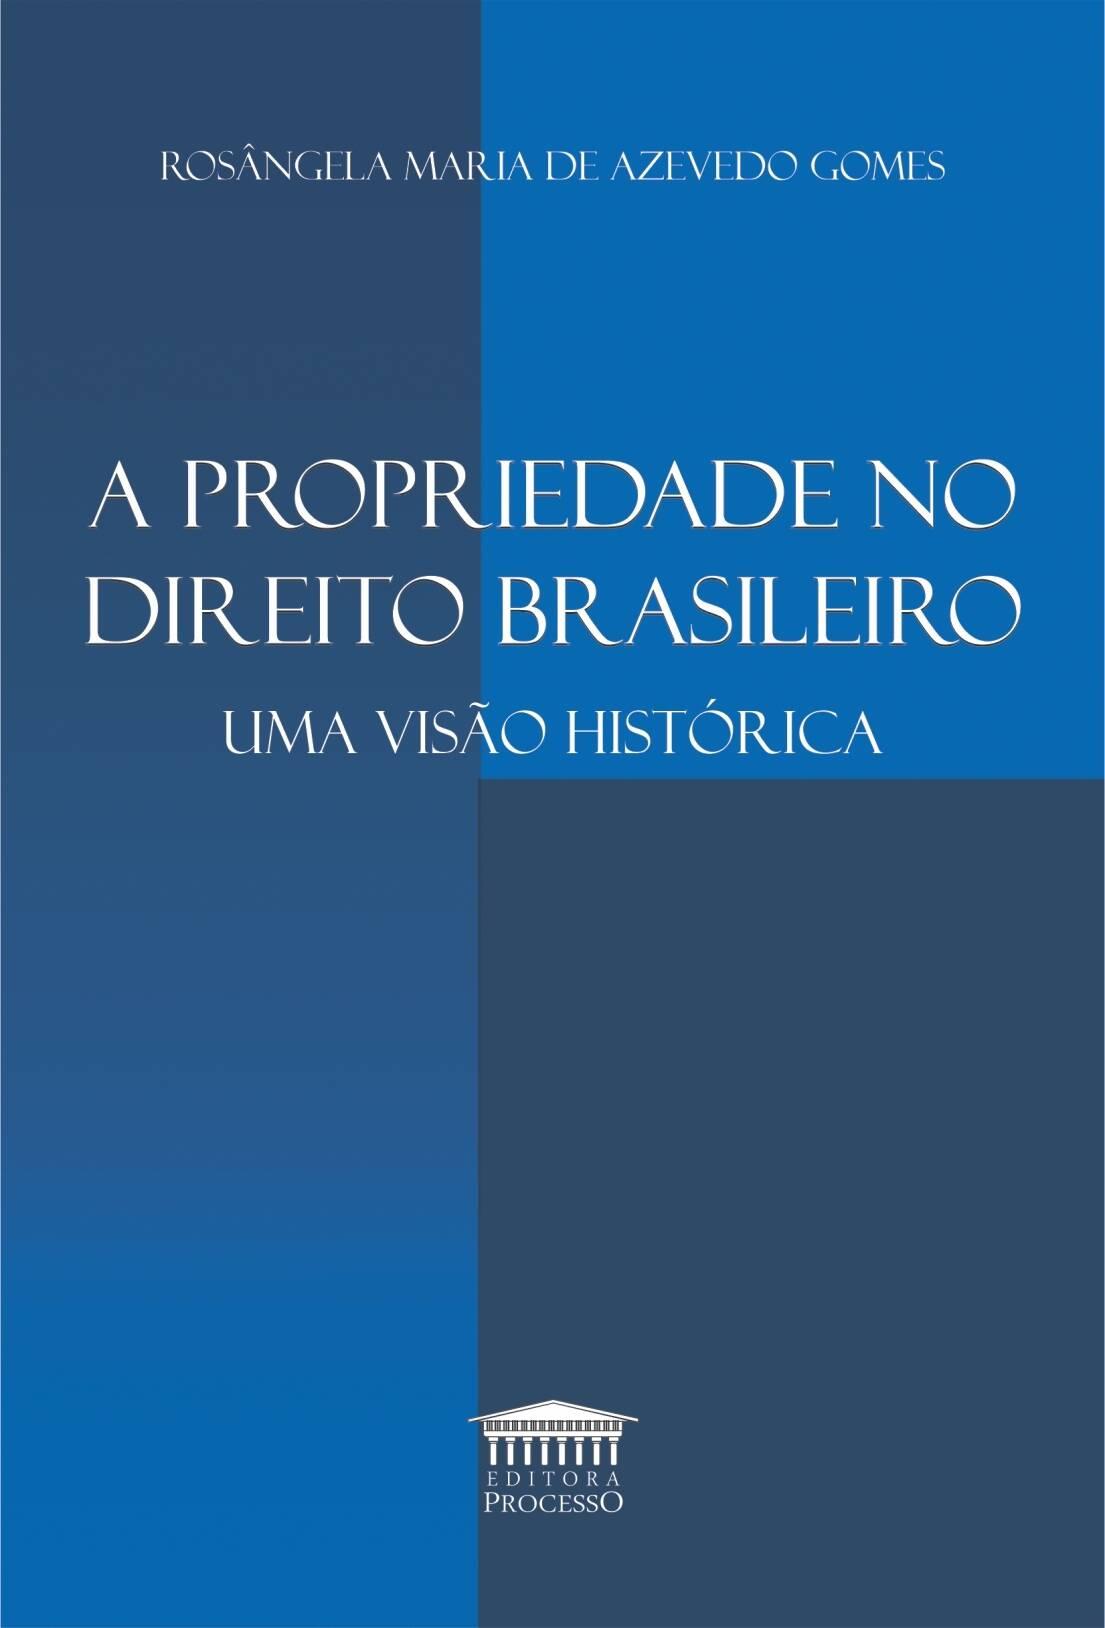 A PROPRIEDADE NO DIREITO BRASILEIRO - UMA VISÃO HISTÓRICA